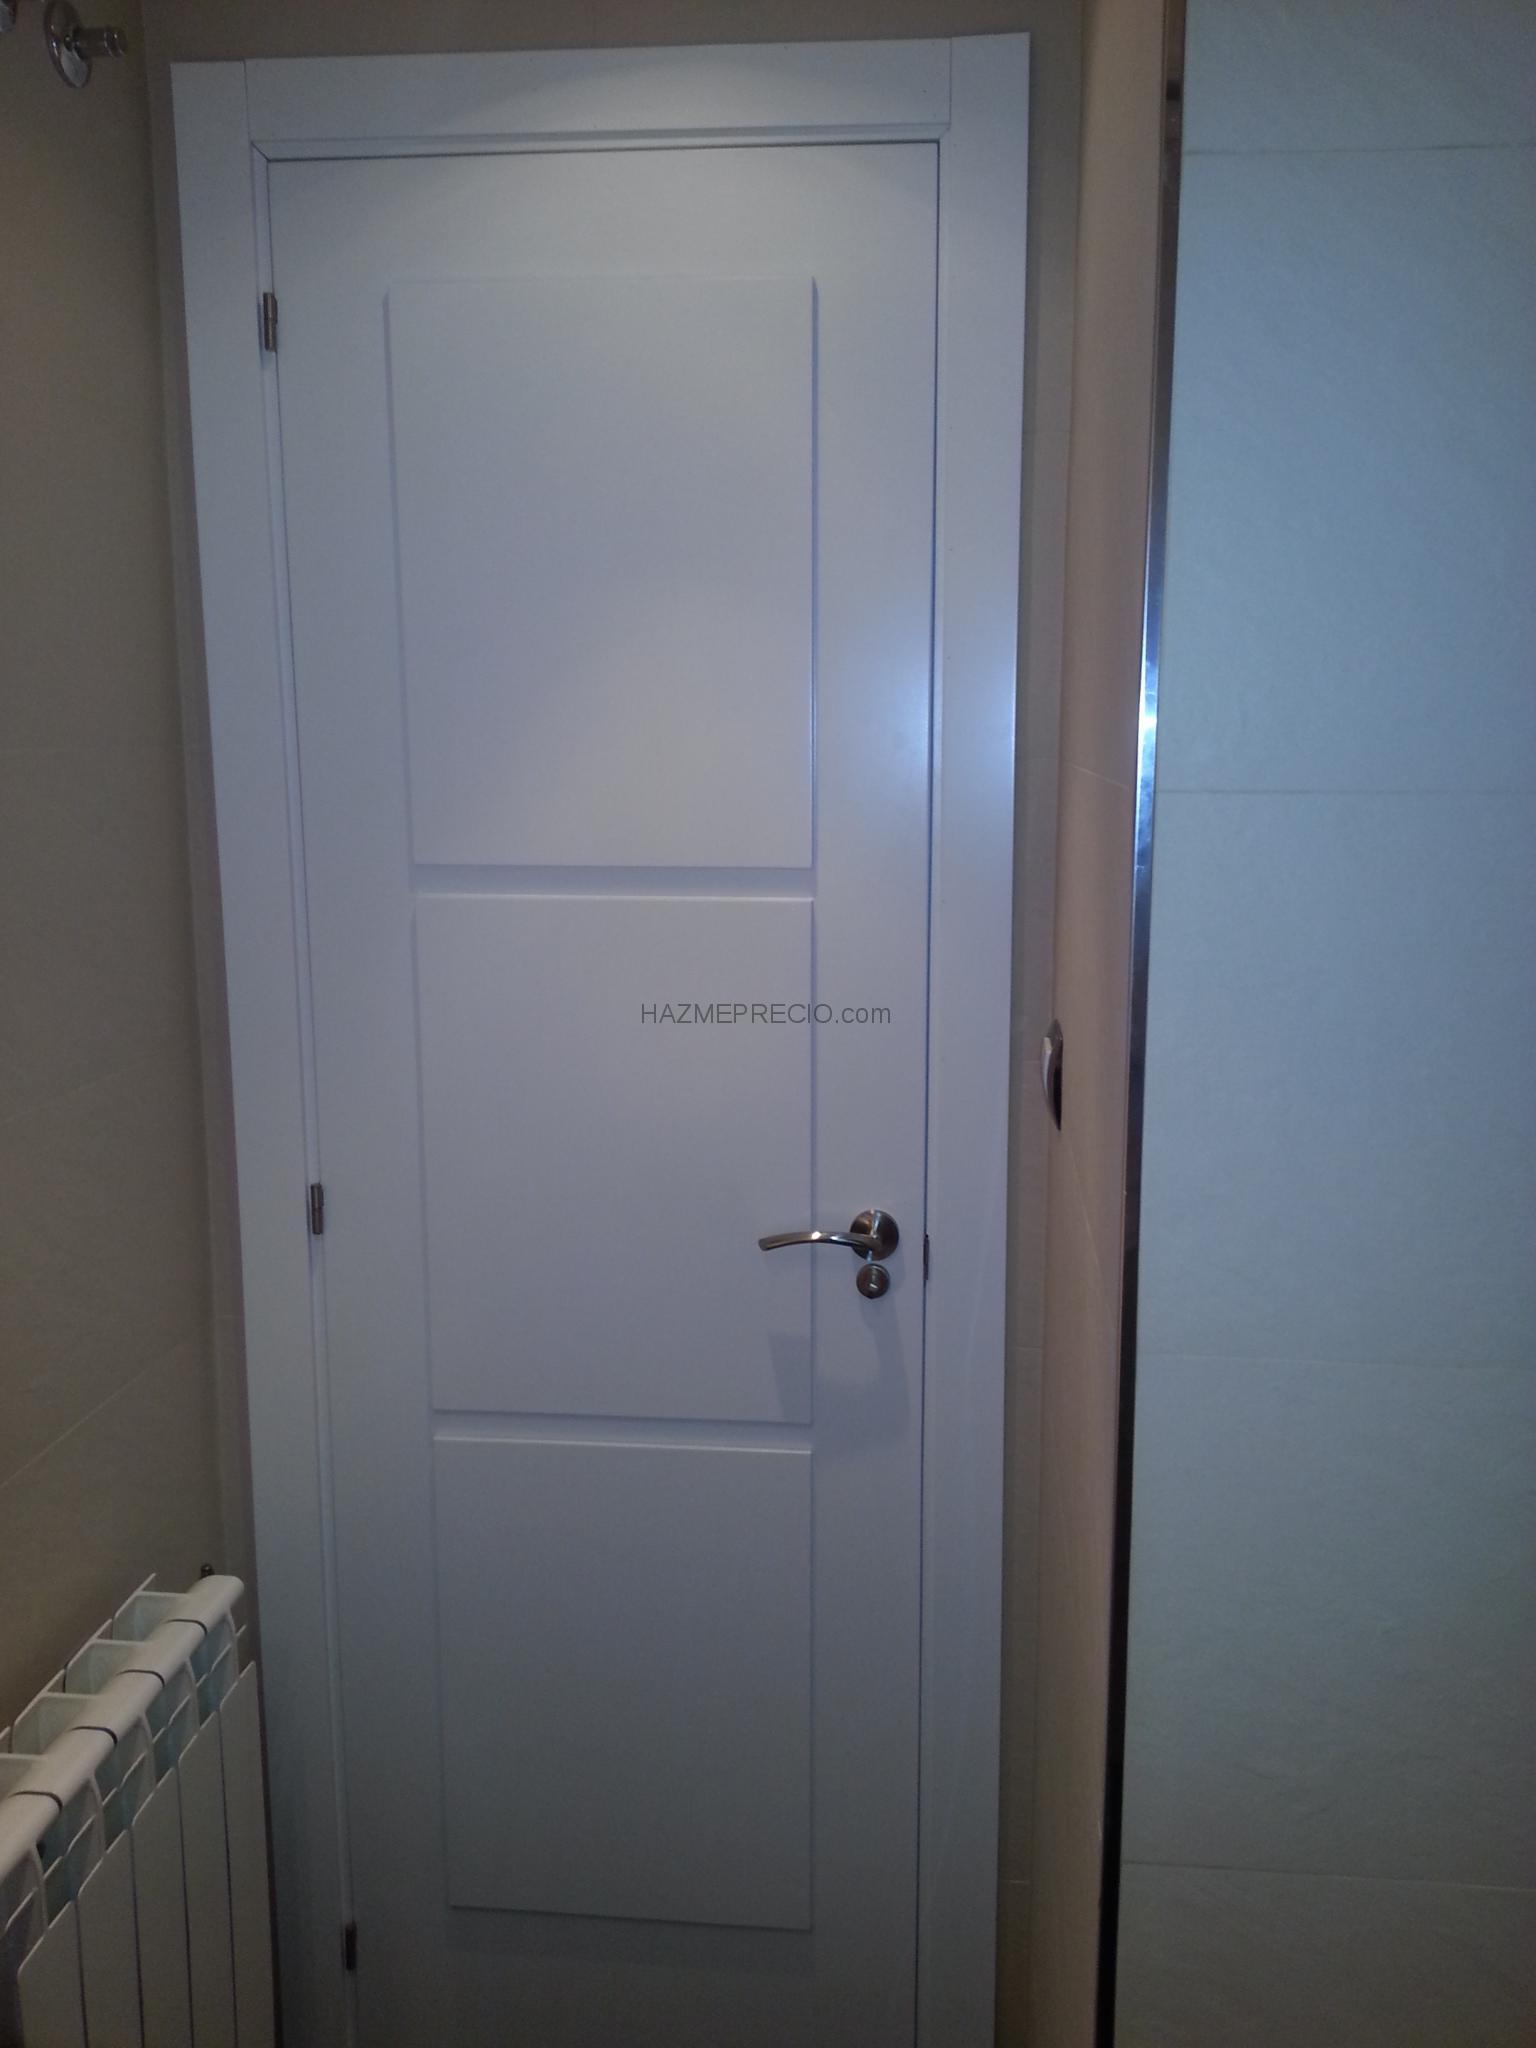 Presupuesto para instalacion de puertas interiores lacadas for Precio instalacion puertas interior